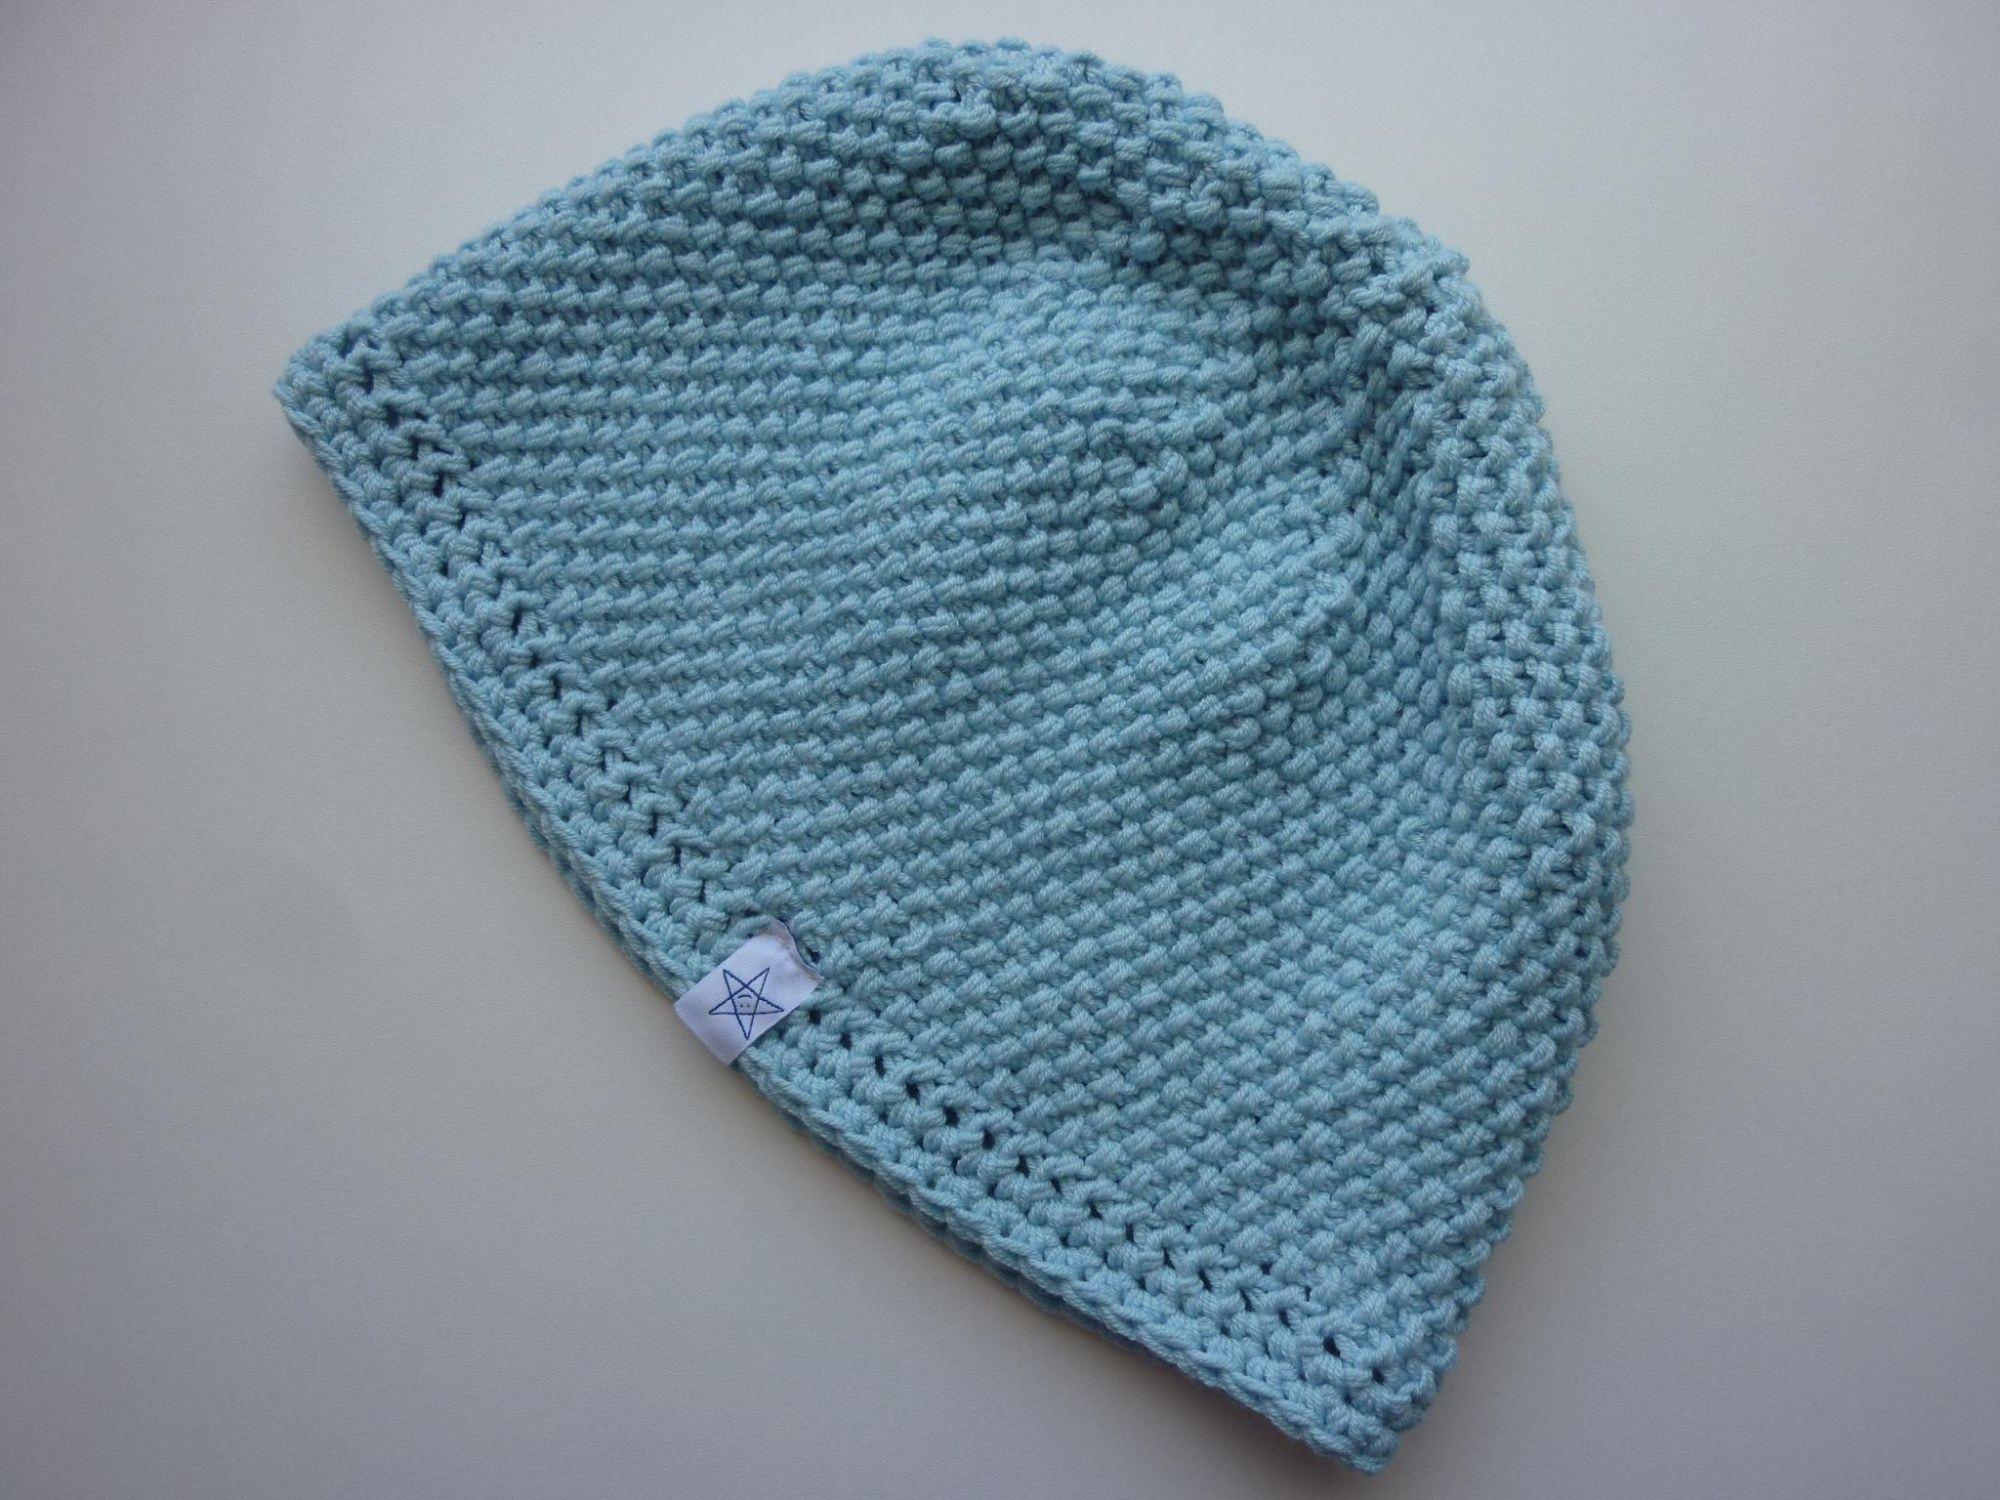 Kleinesbild - Strickmütze in Hellblau aus Baumwolle handgestrickt